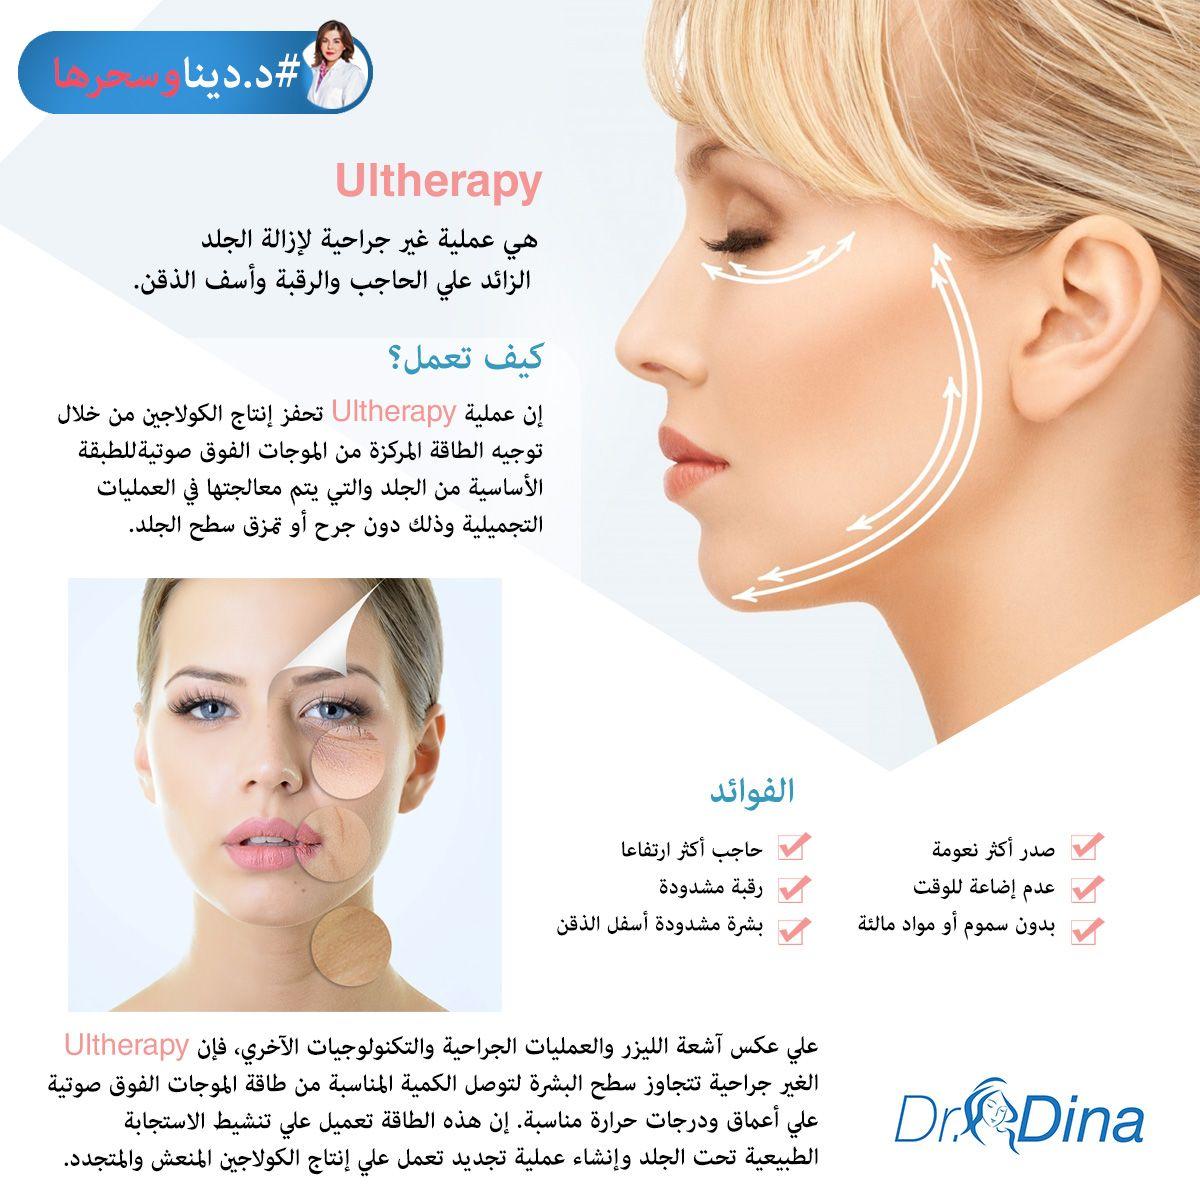 تحققي من الدكتورة دينا عن هذا العلاج الغير ضار لشد الجلد إن Ultherapy يمكنه مساعدتك في الحصول علي مظهر Skin Tightening Treatments In Cosmetics Flawless Skin